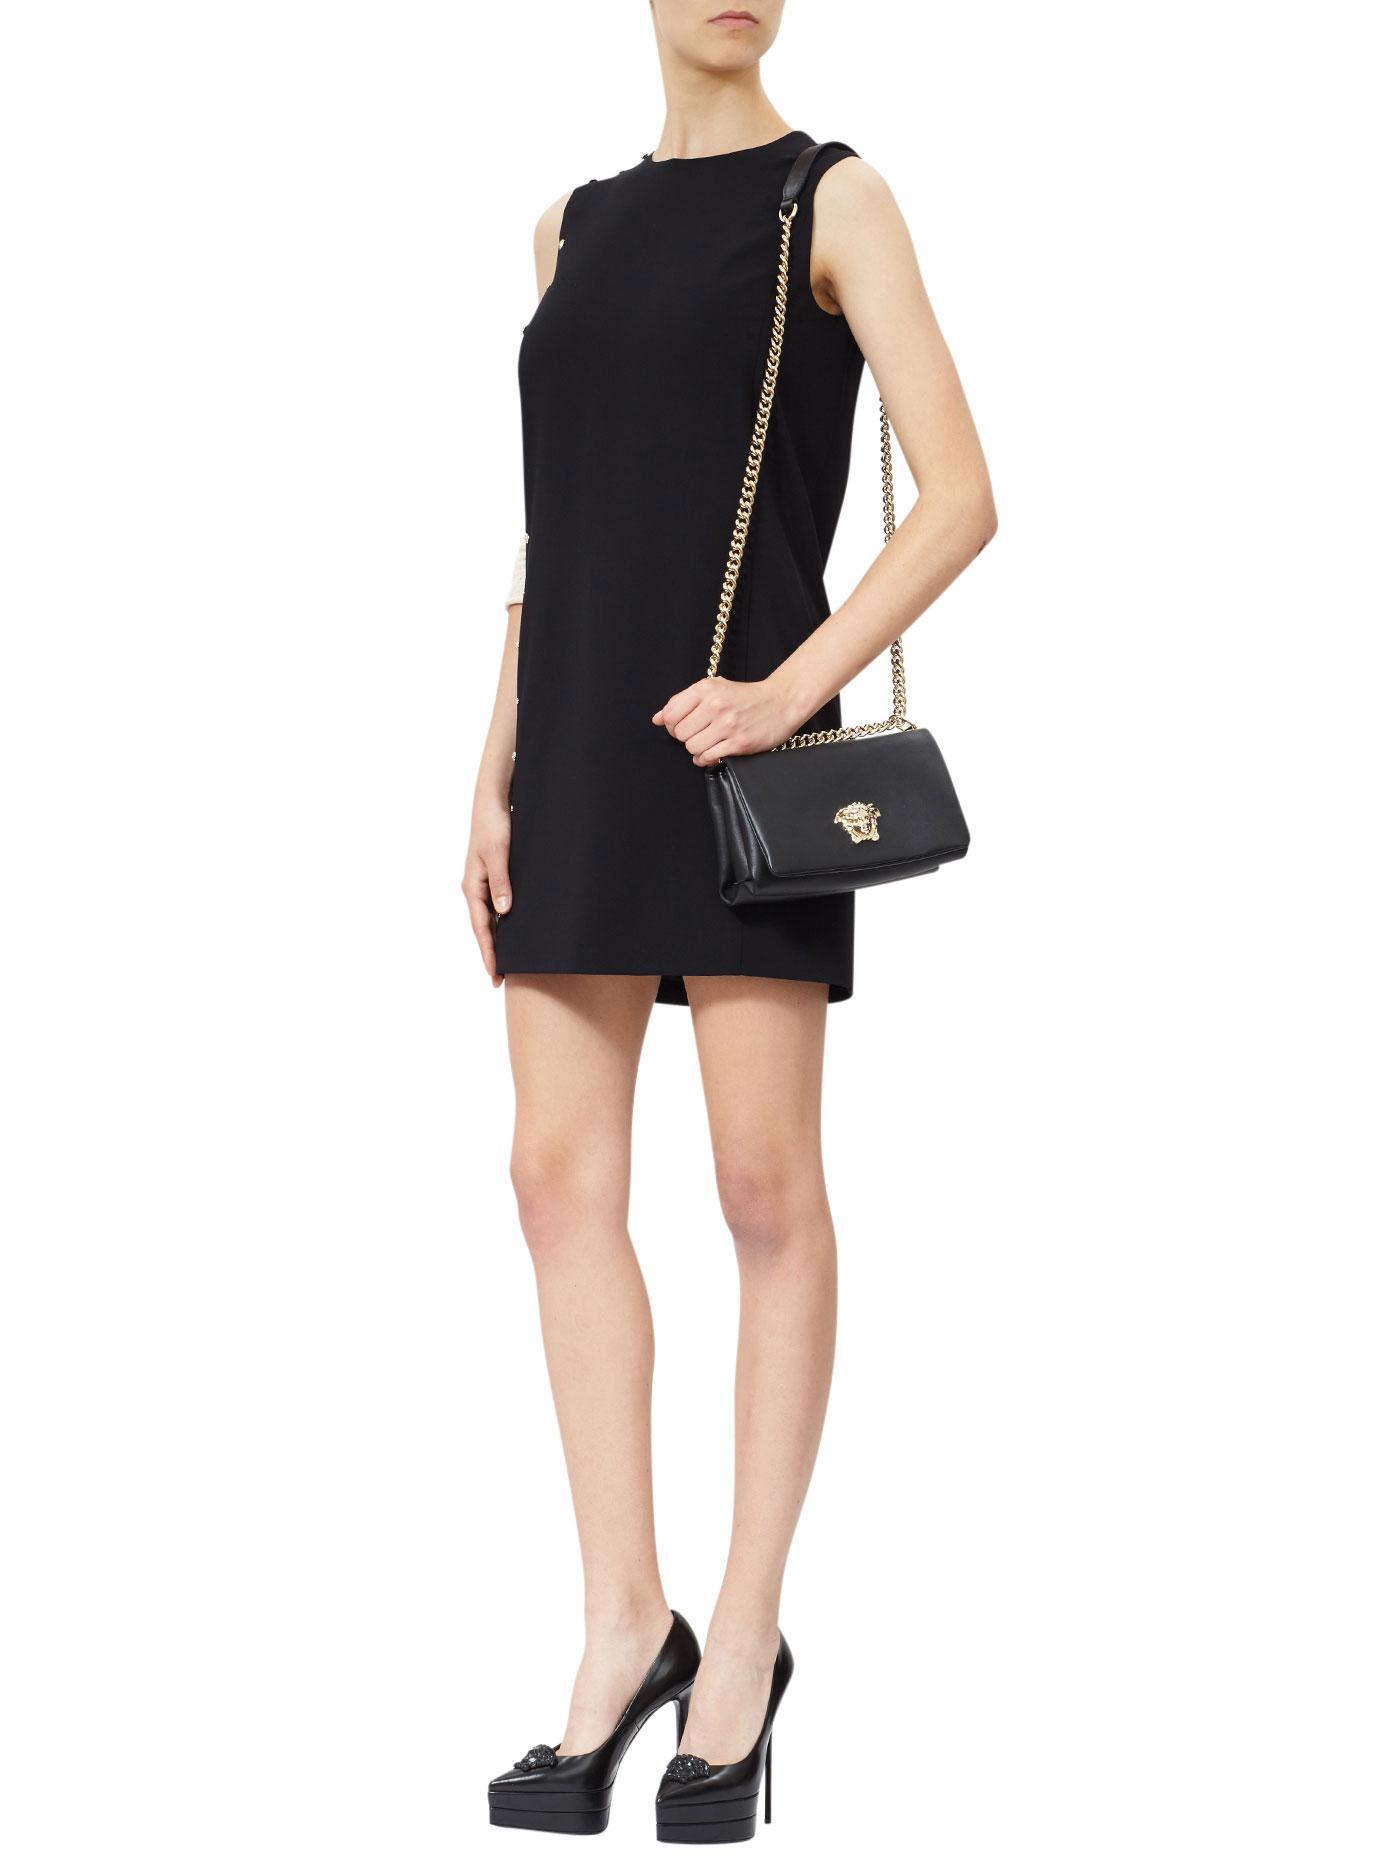 59486c7d7a Versace Palazzo Evening Bag